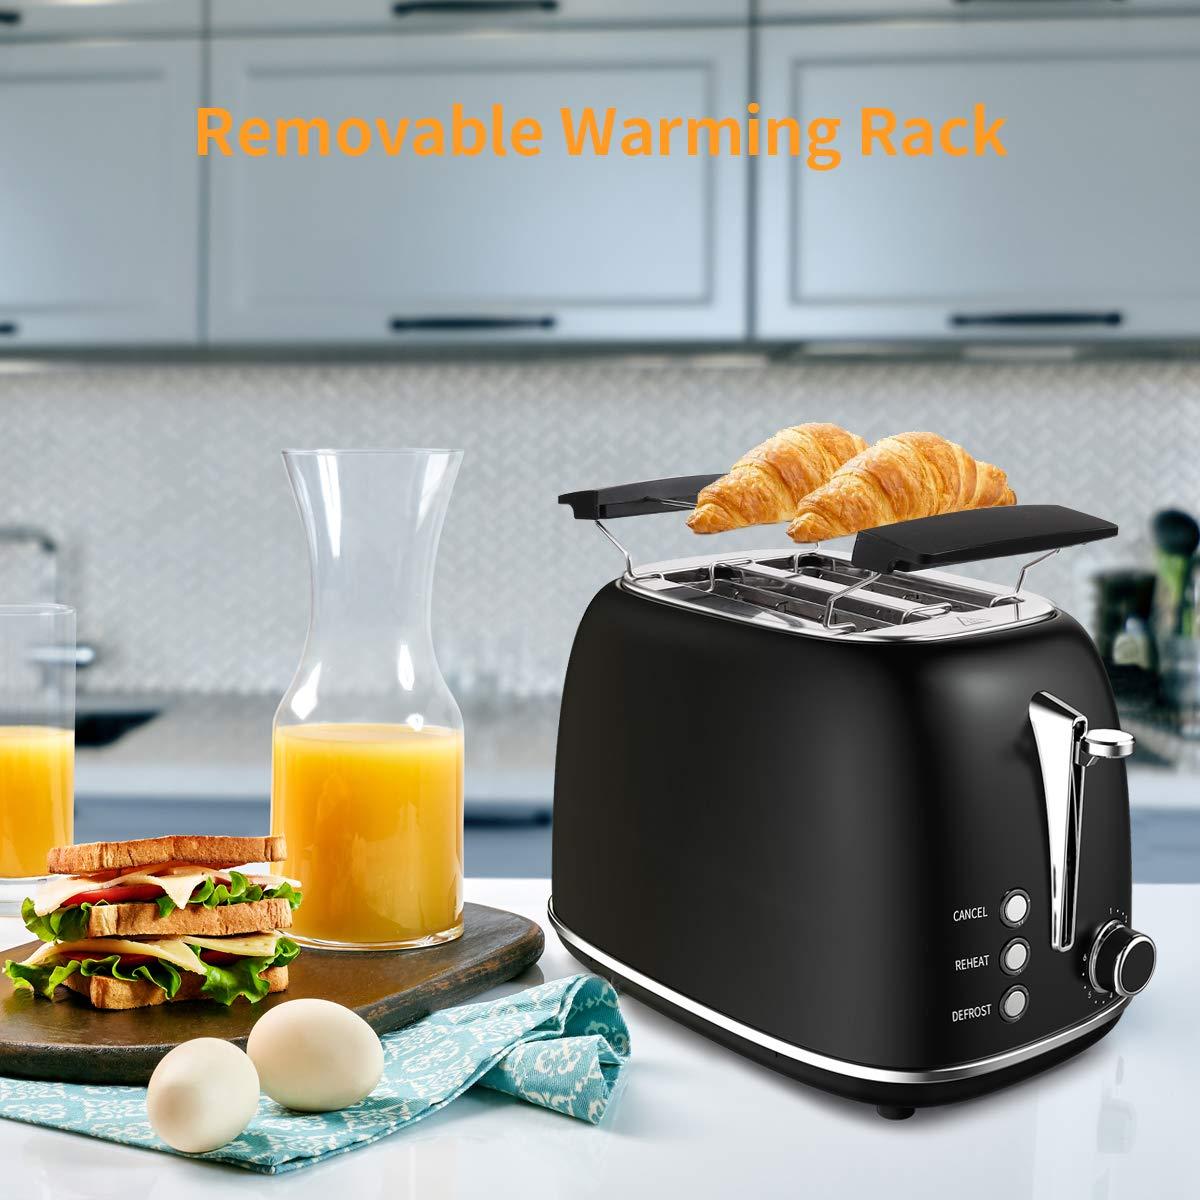 morpilot Toaster Grille-Pain Rétro 2 Fentes Acier Inoxydable, 6 Niveaux Réglables,3 en 1 de Fonctions Grille-Pain,Décongeler,Réchauffer,815W Rapide Fonction